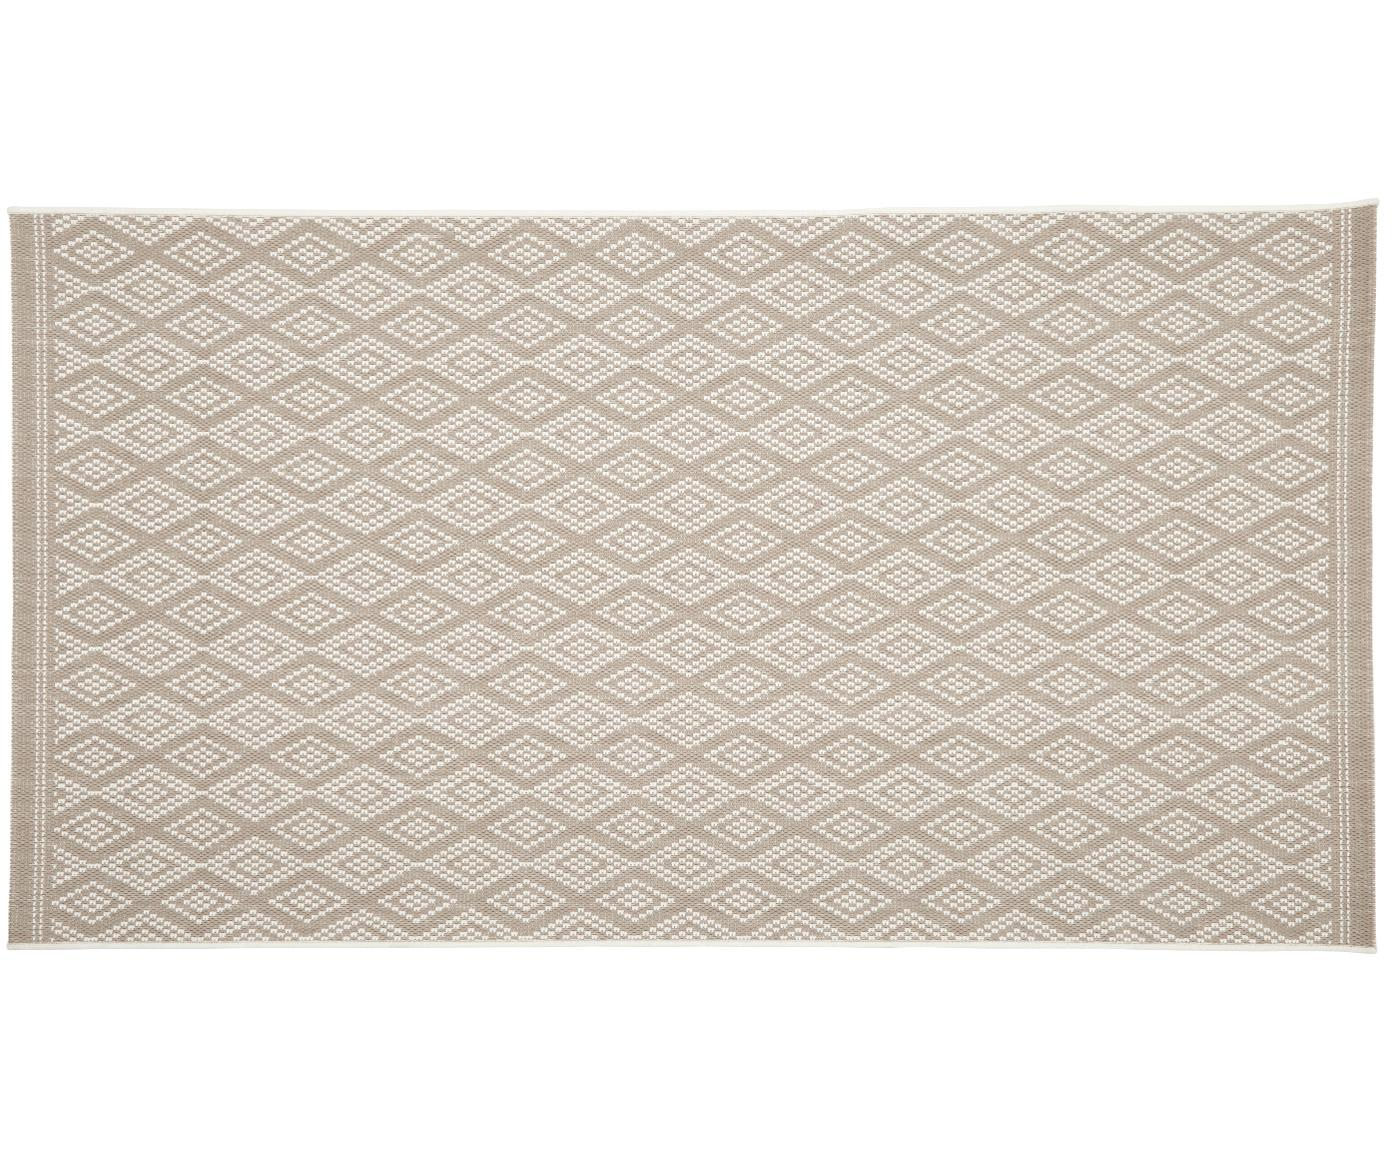 Tappeto da interno-esterno Capri, Retro: poliestere, Bianco crema, beige, Larg. 80 x Lung. 150 cm (taglia XS)